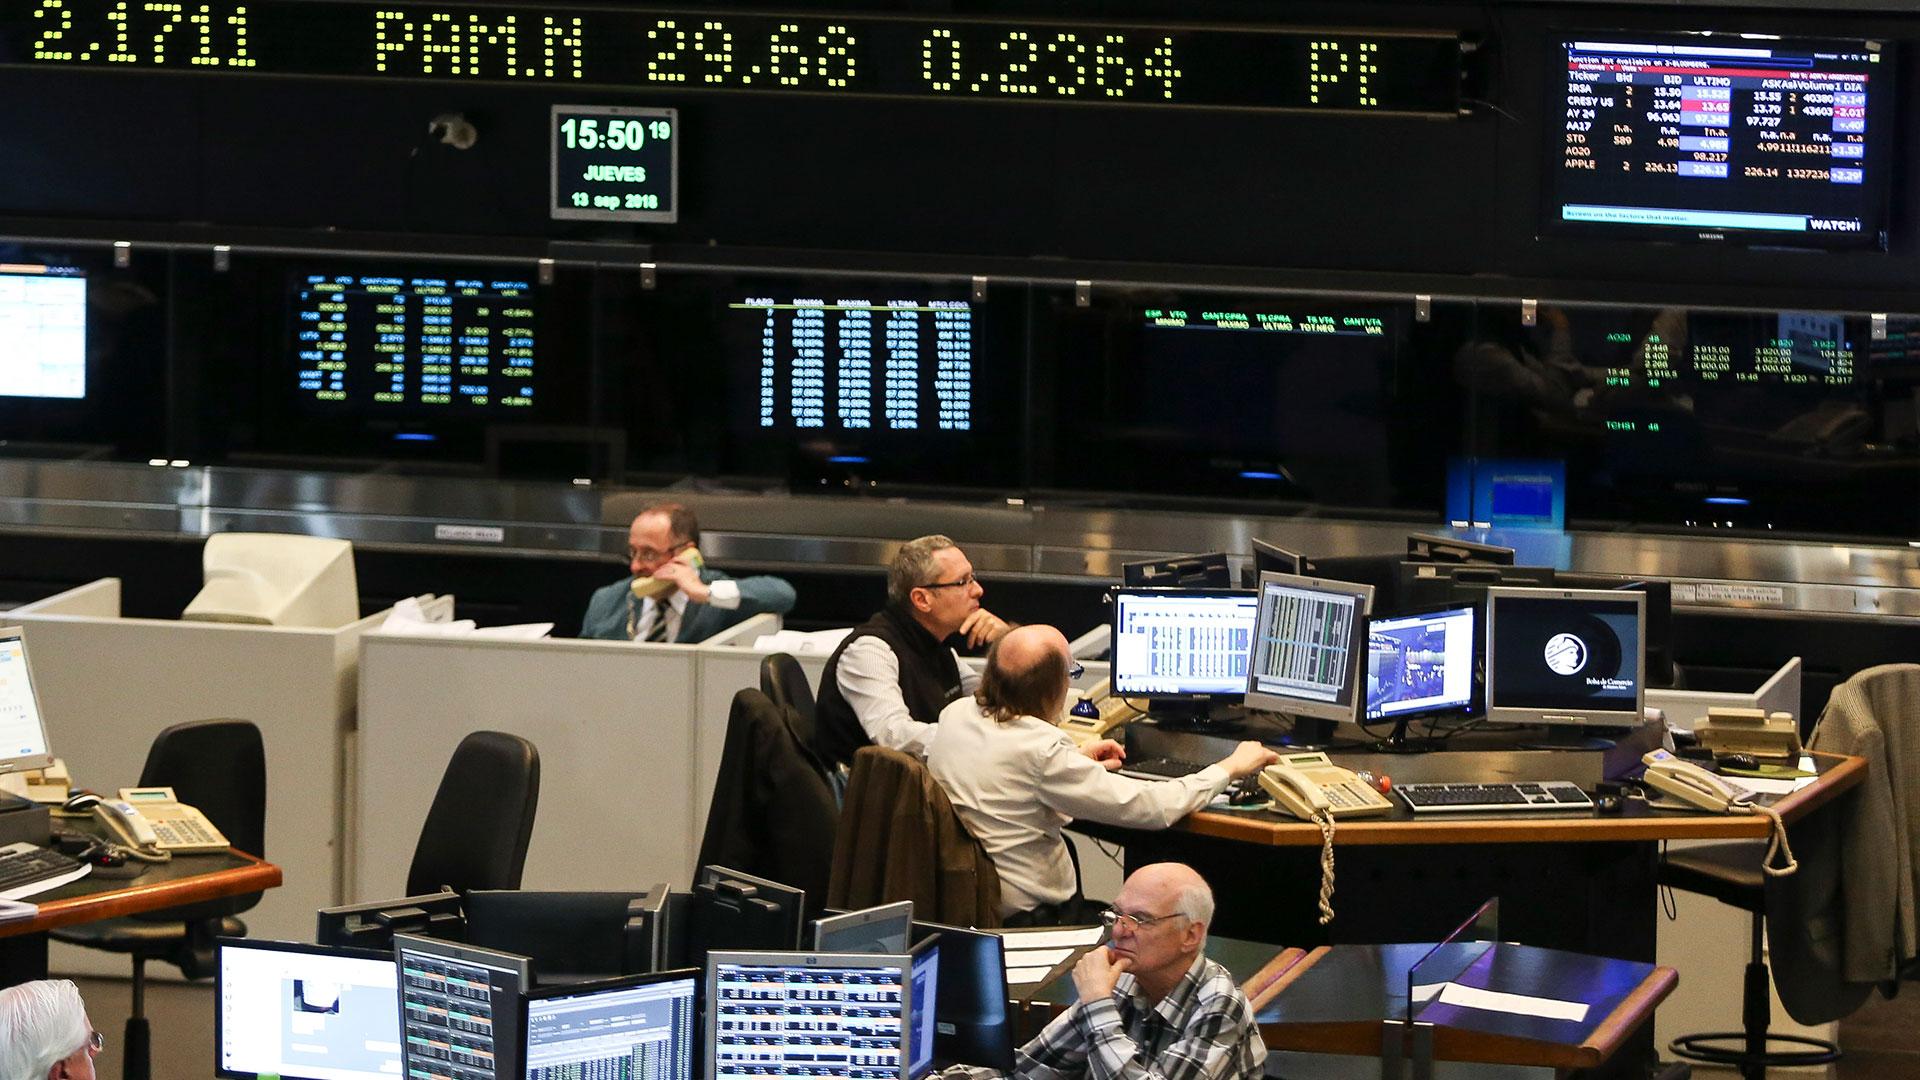 Medido en dólares, el S&P Merval acumula una pérdida de 5% 2019. (NA)